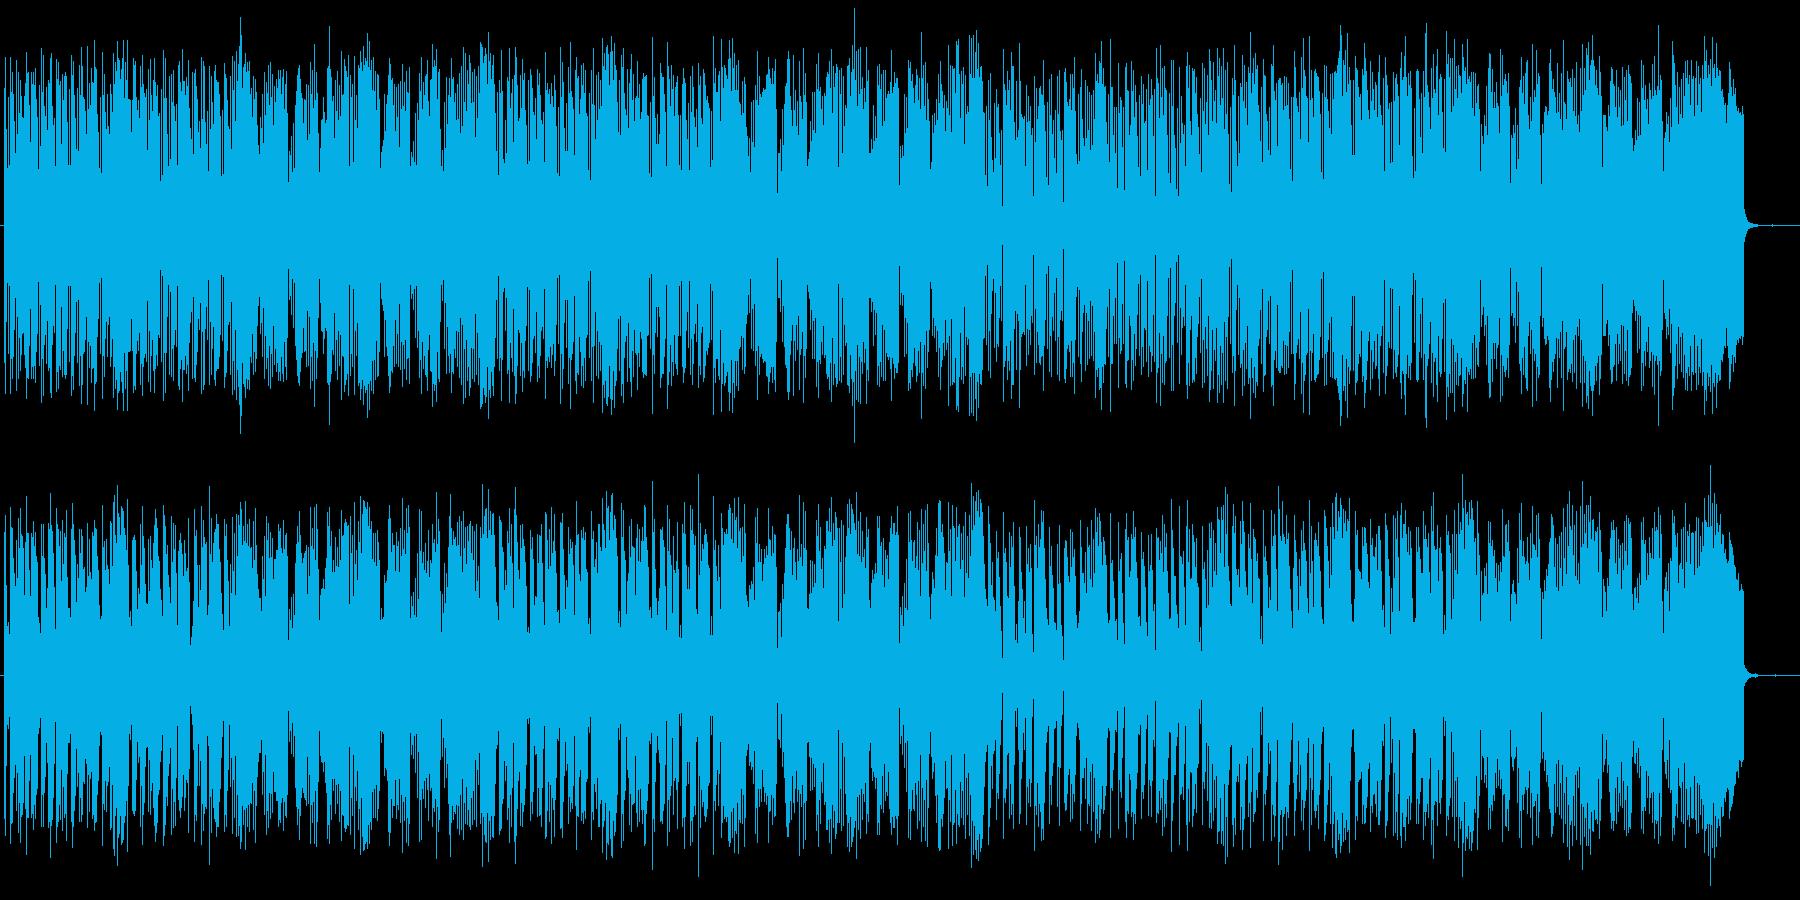 ファンタジックな世界観のポップスの再生済みの波形